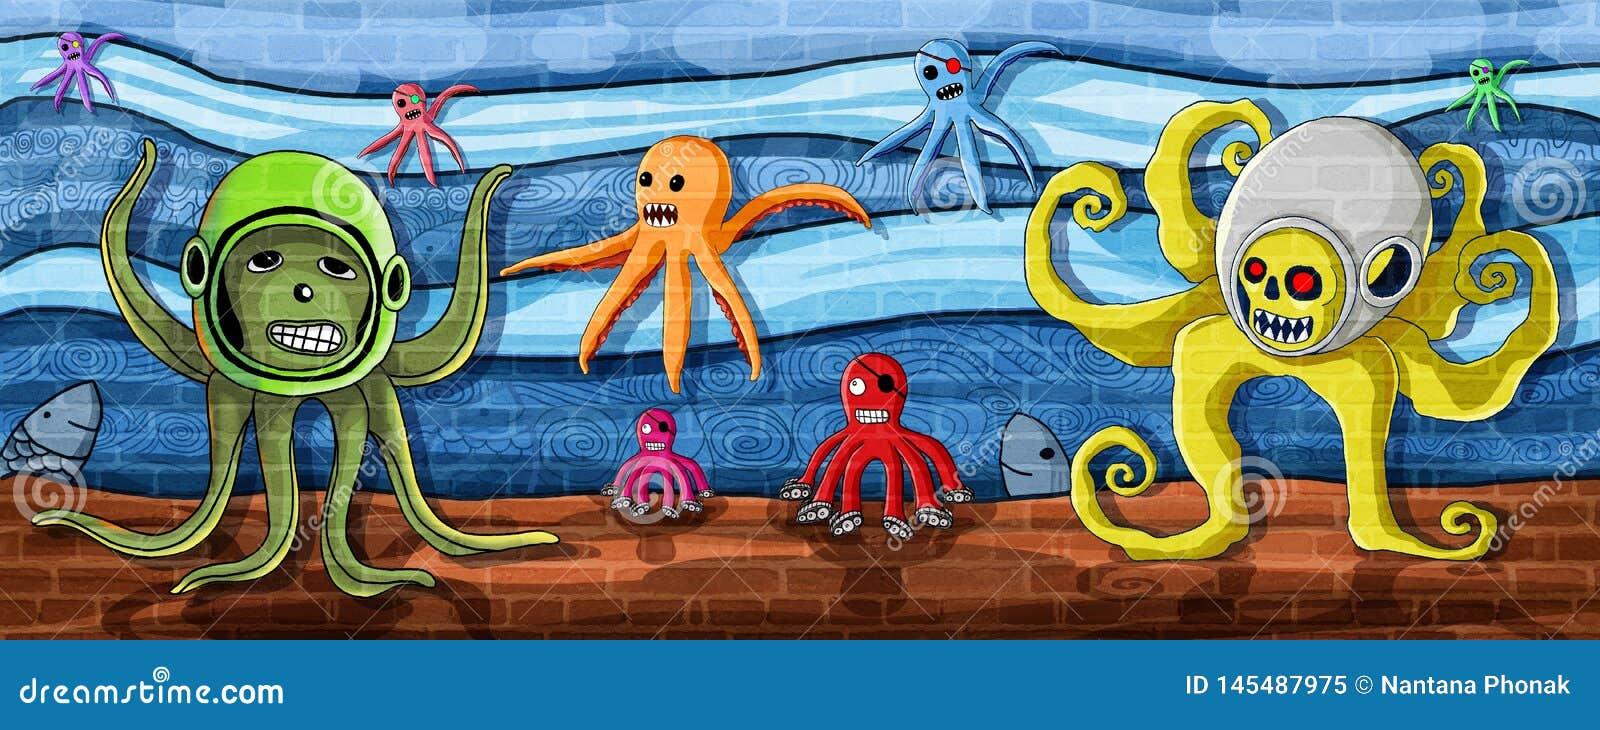 Polvo na pintura da parede de mar